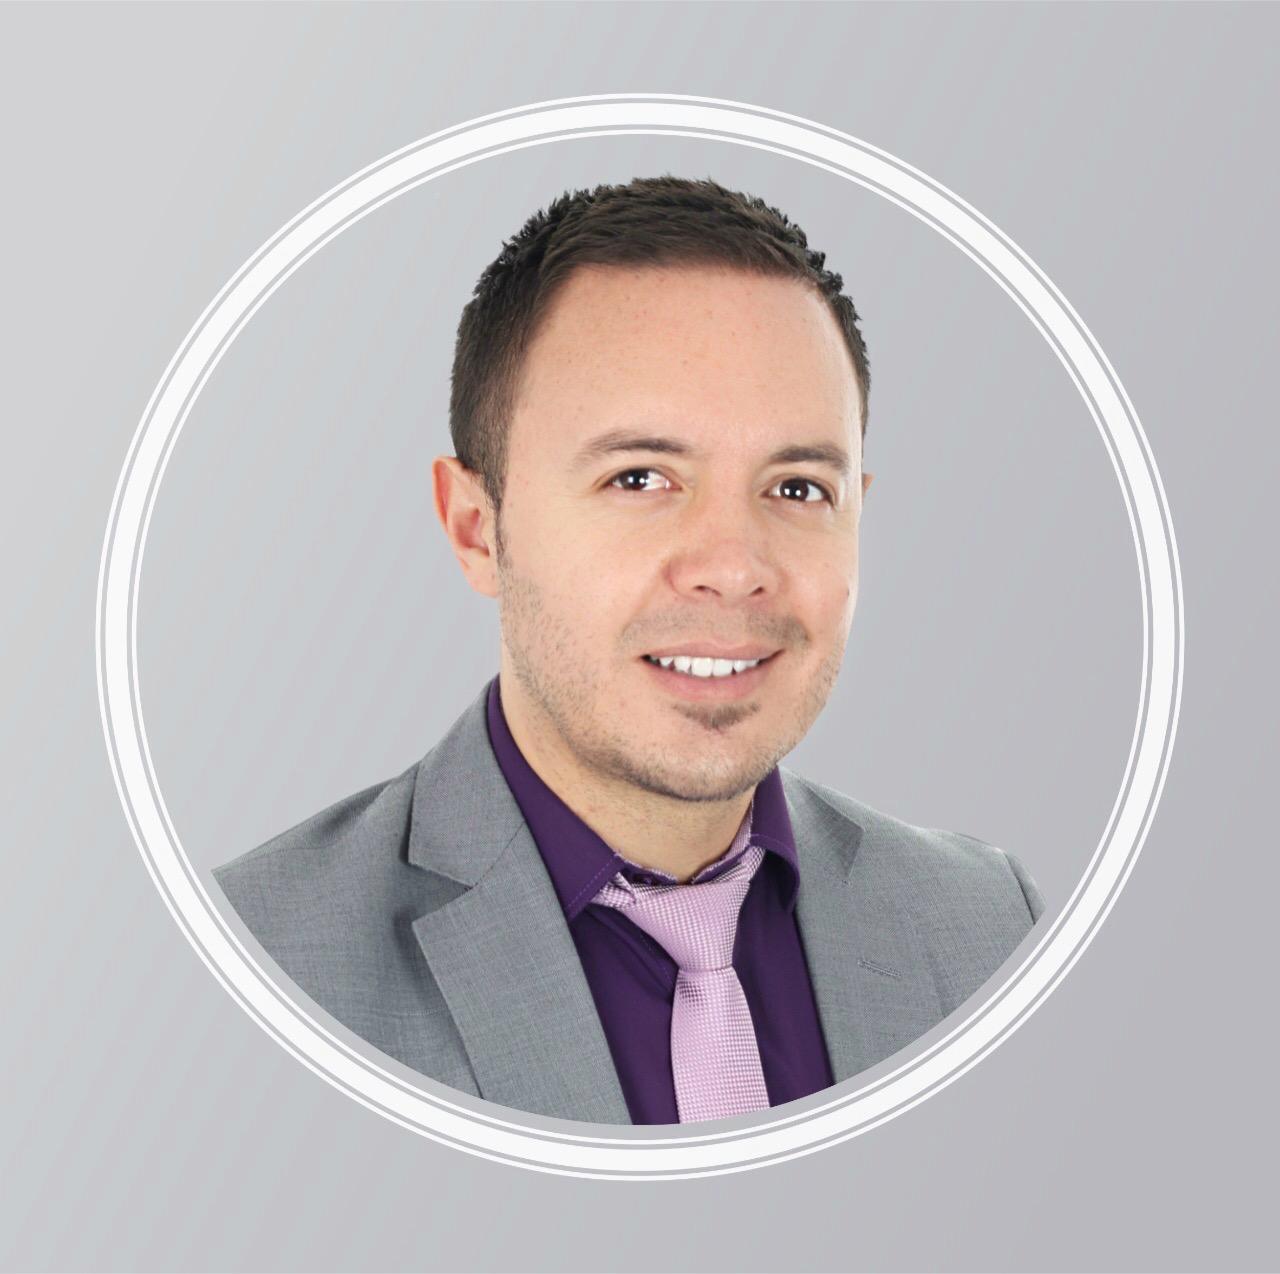 Edison Xavier Albuja Echeverría